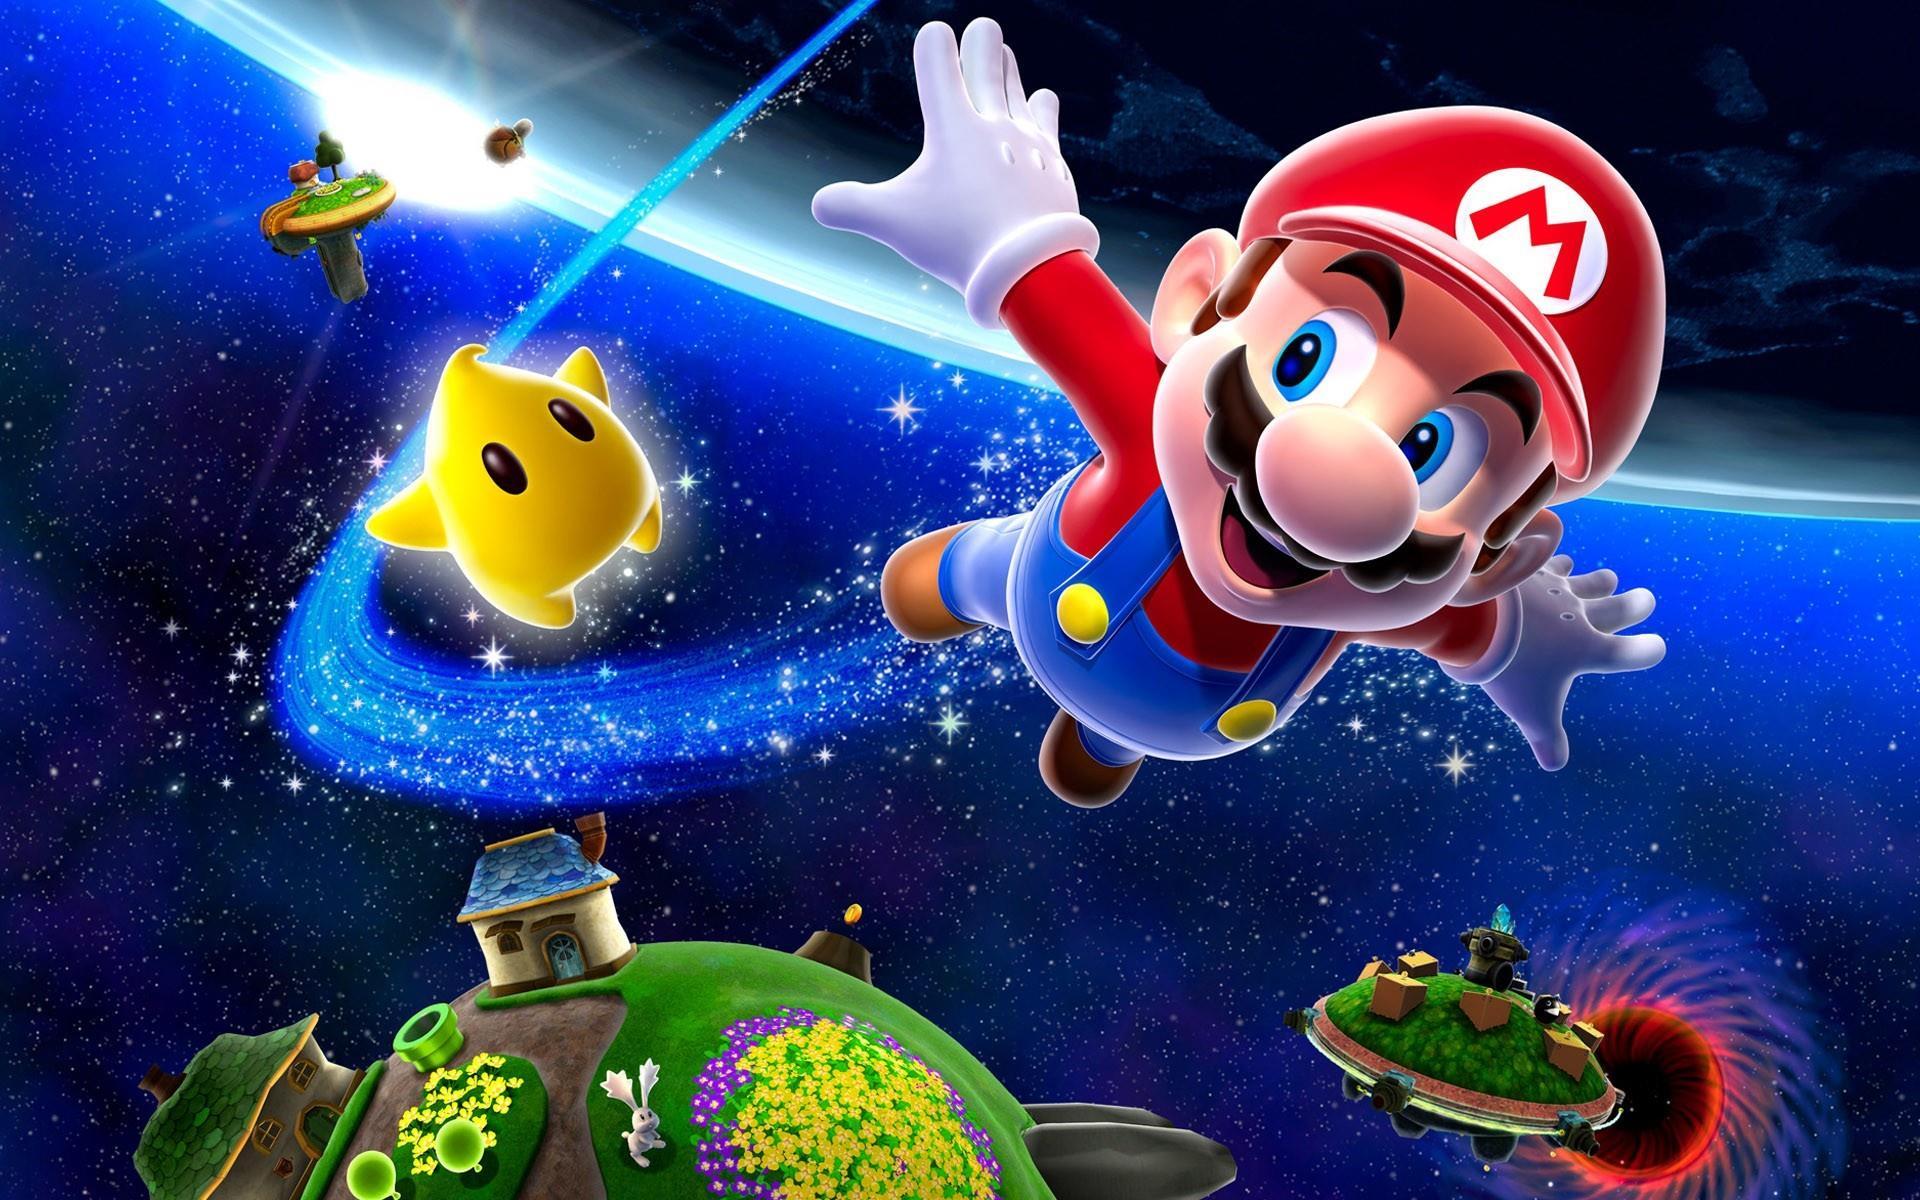 jeux-video-screen-capture-ecran-hd-download_02